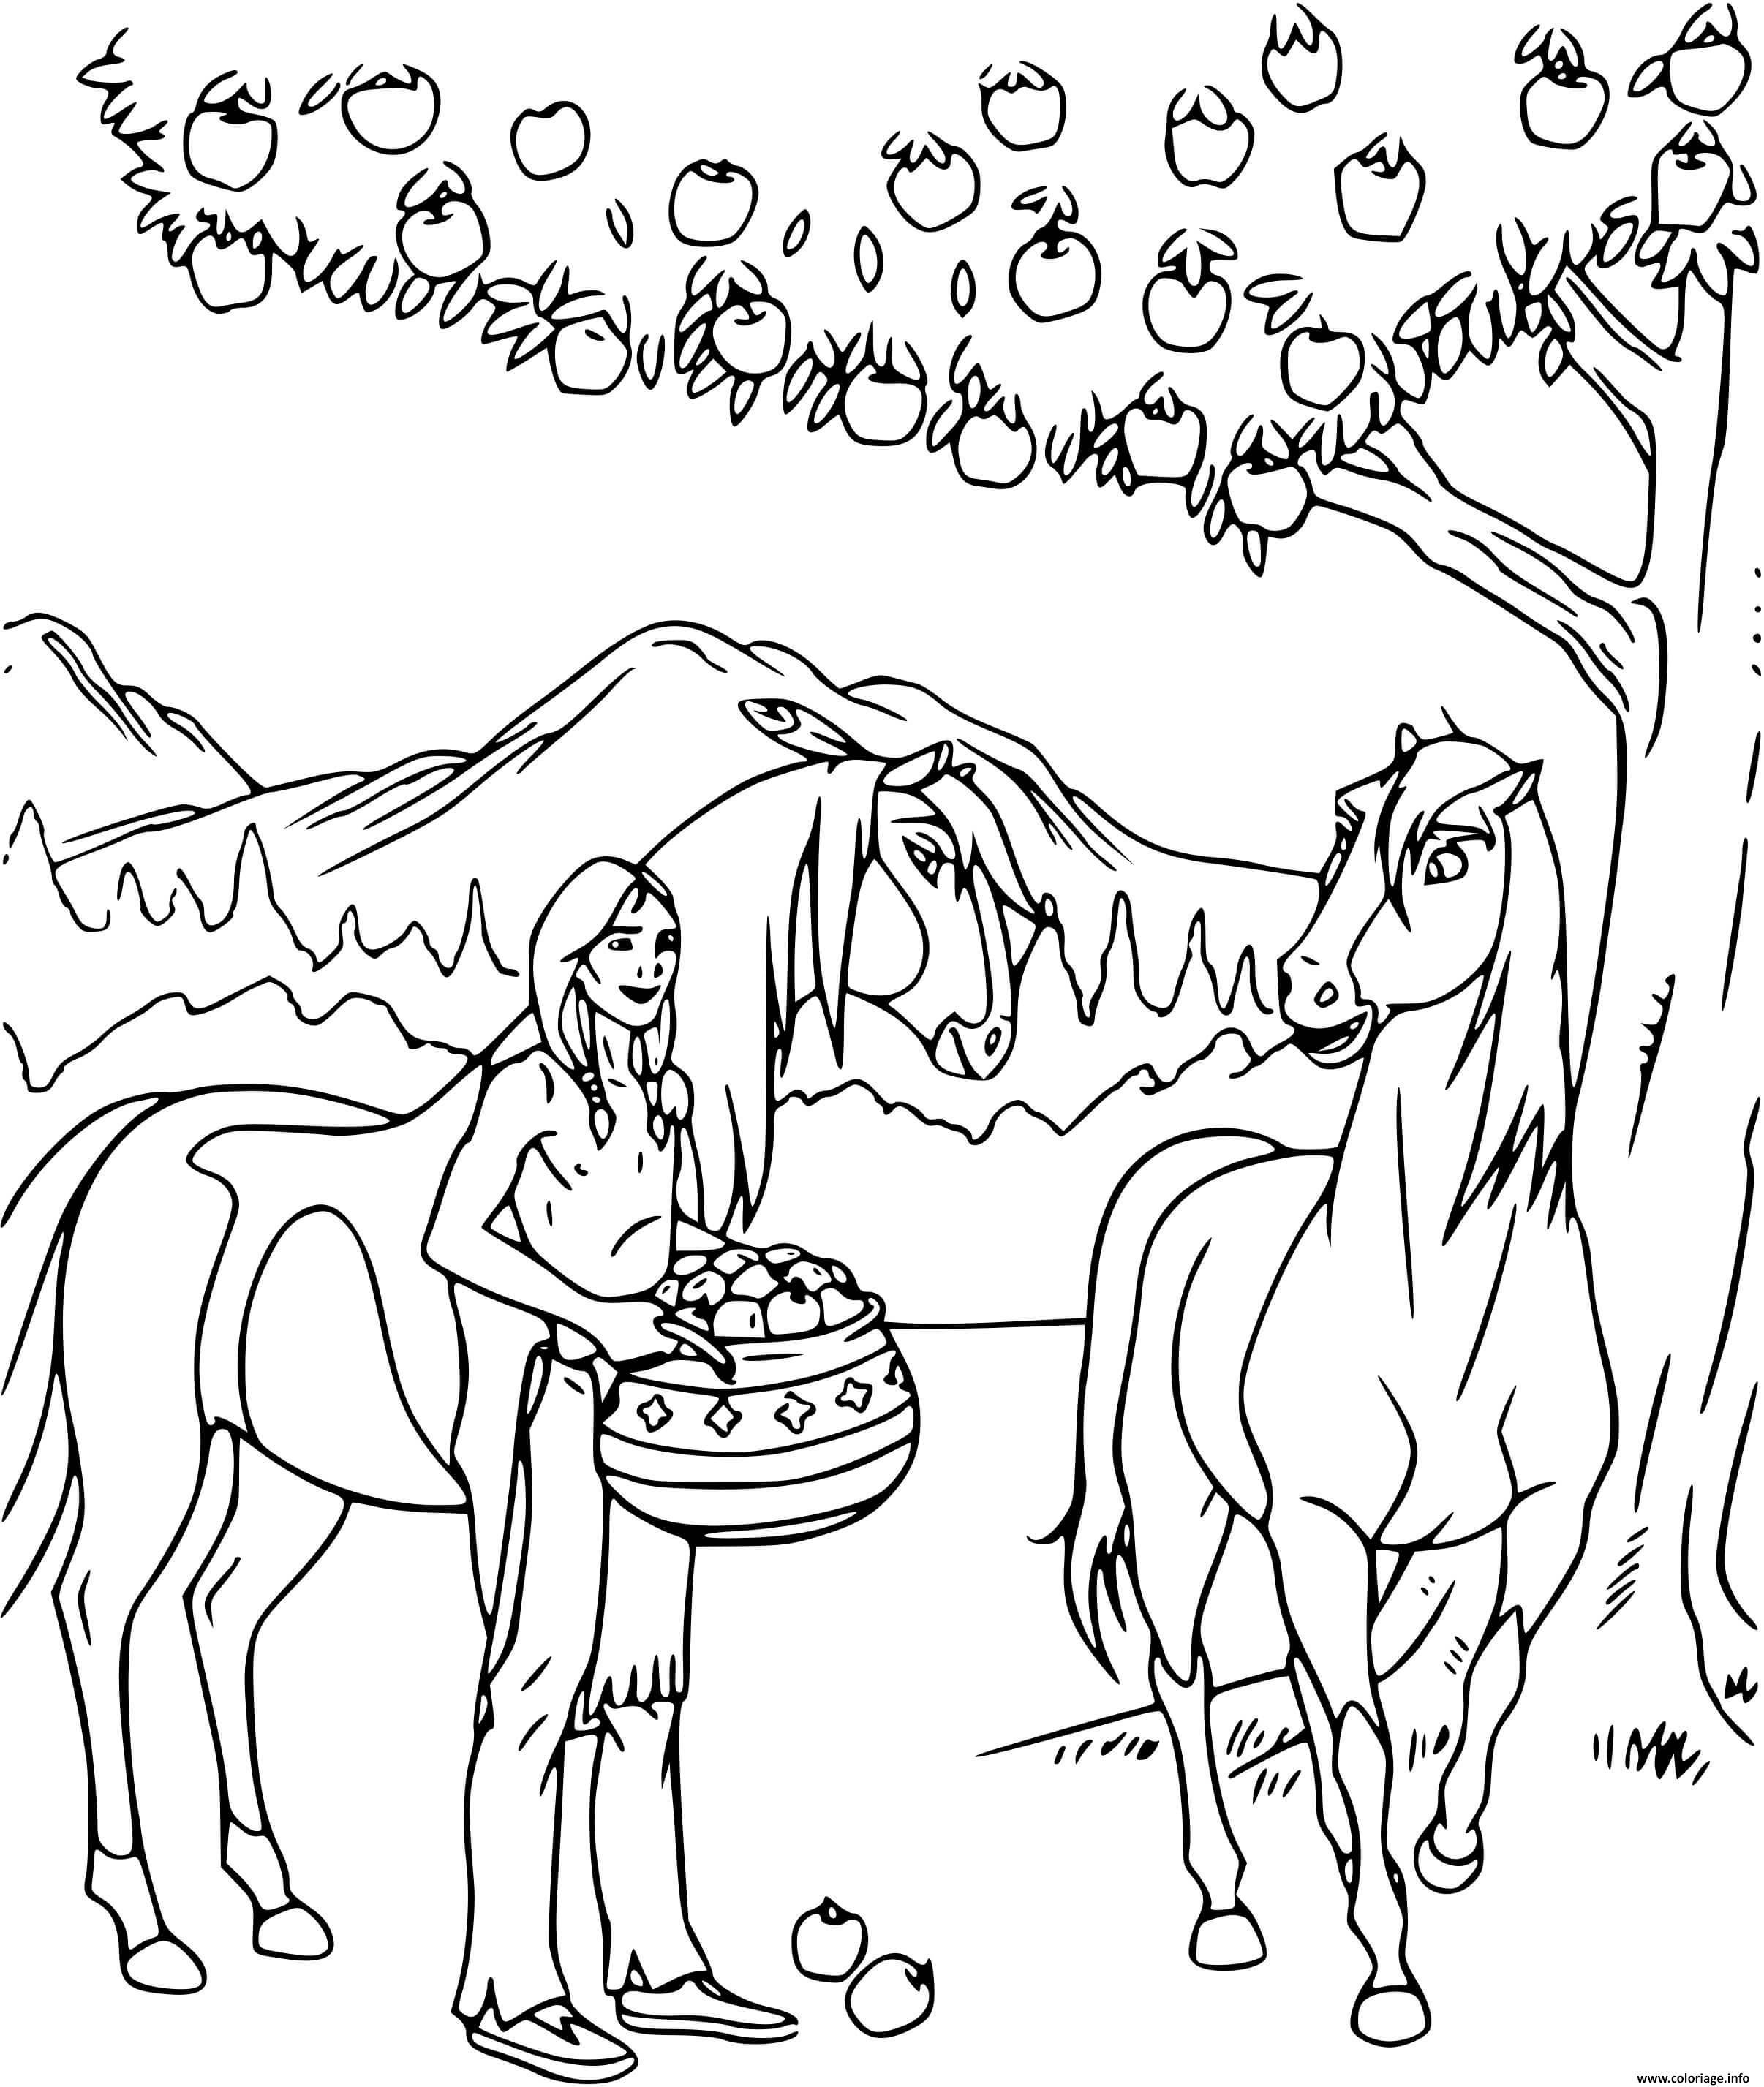 Dessin spirit et les indiens ramassent des pommes Coloriage Gratuit à Imprimer